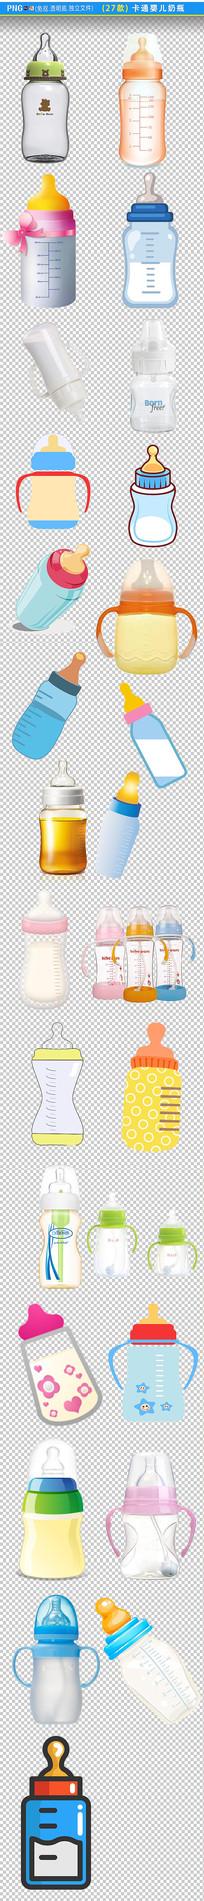 卡通婴儿奶瓶png素材